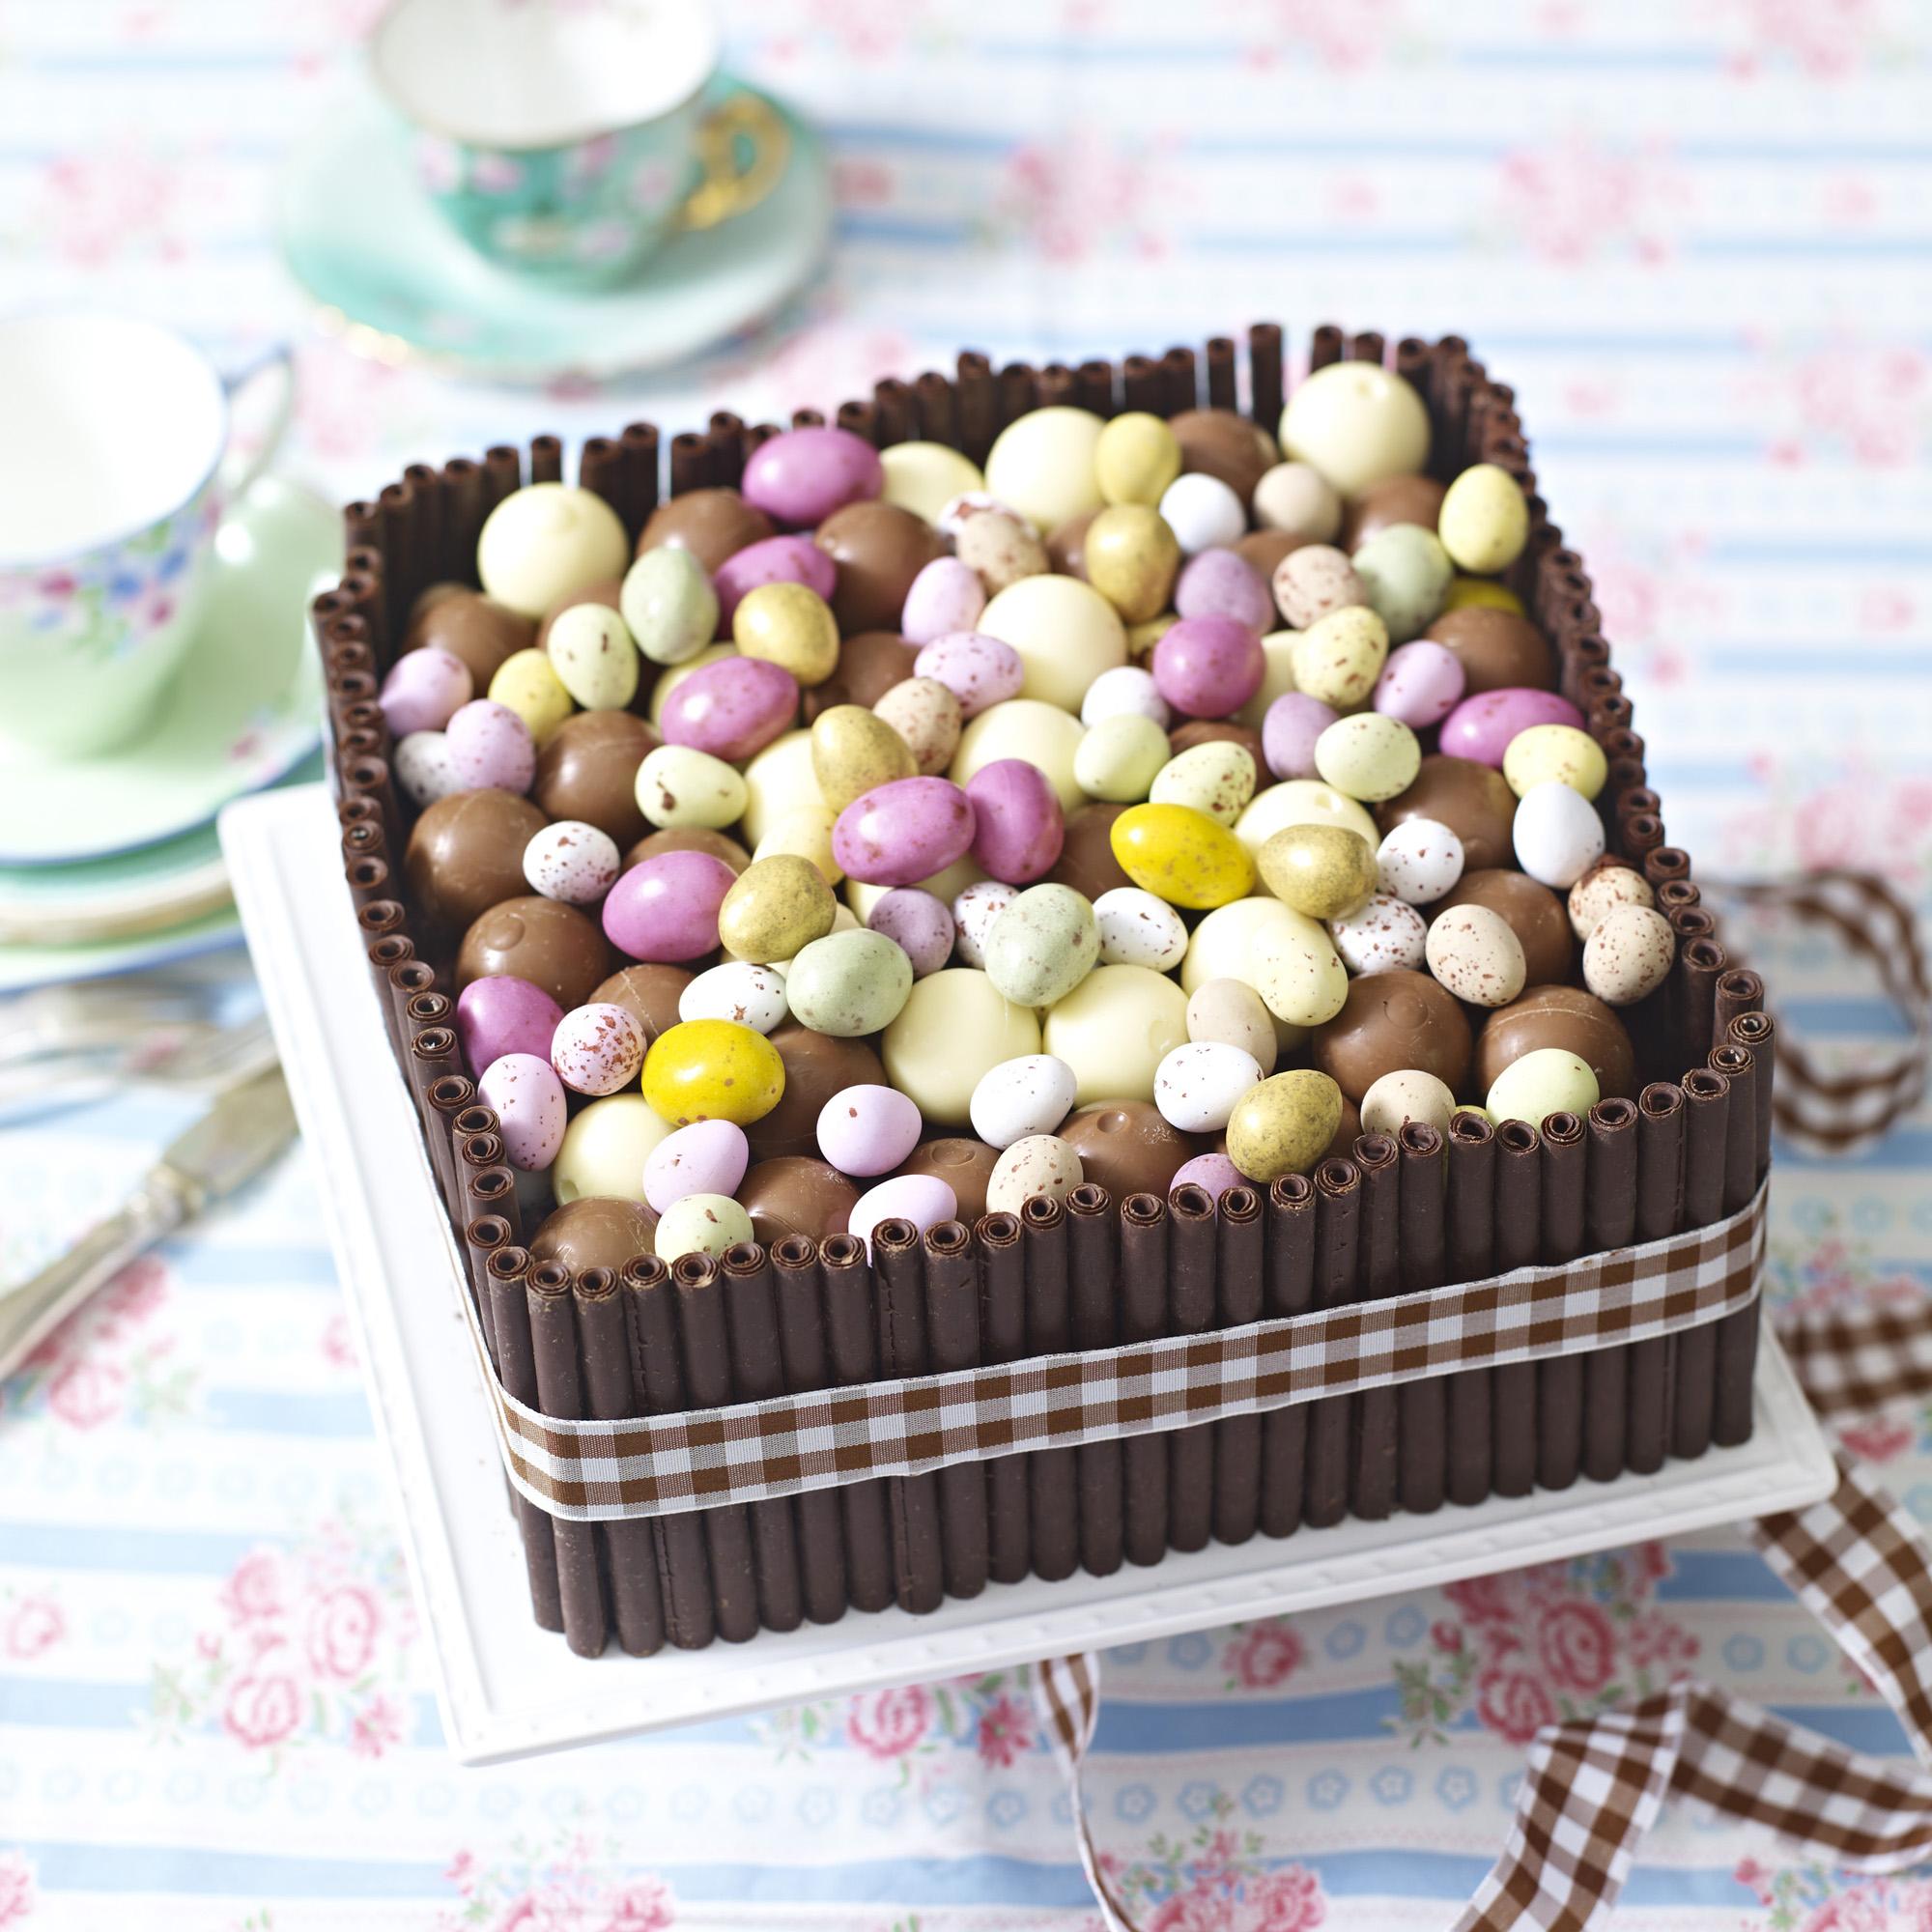 Celebration Cake Recipes: Chocolate Box Celebration Cake